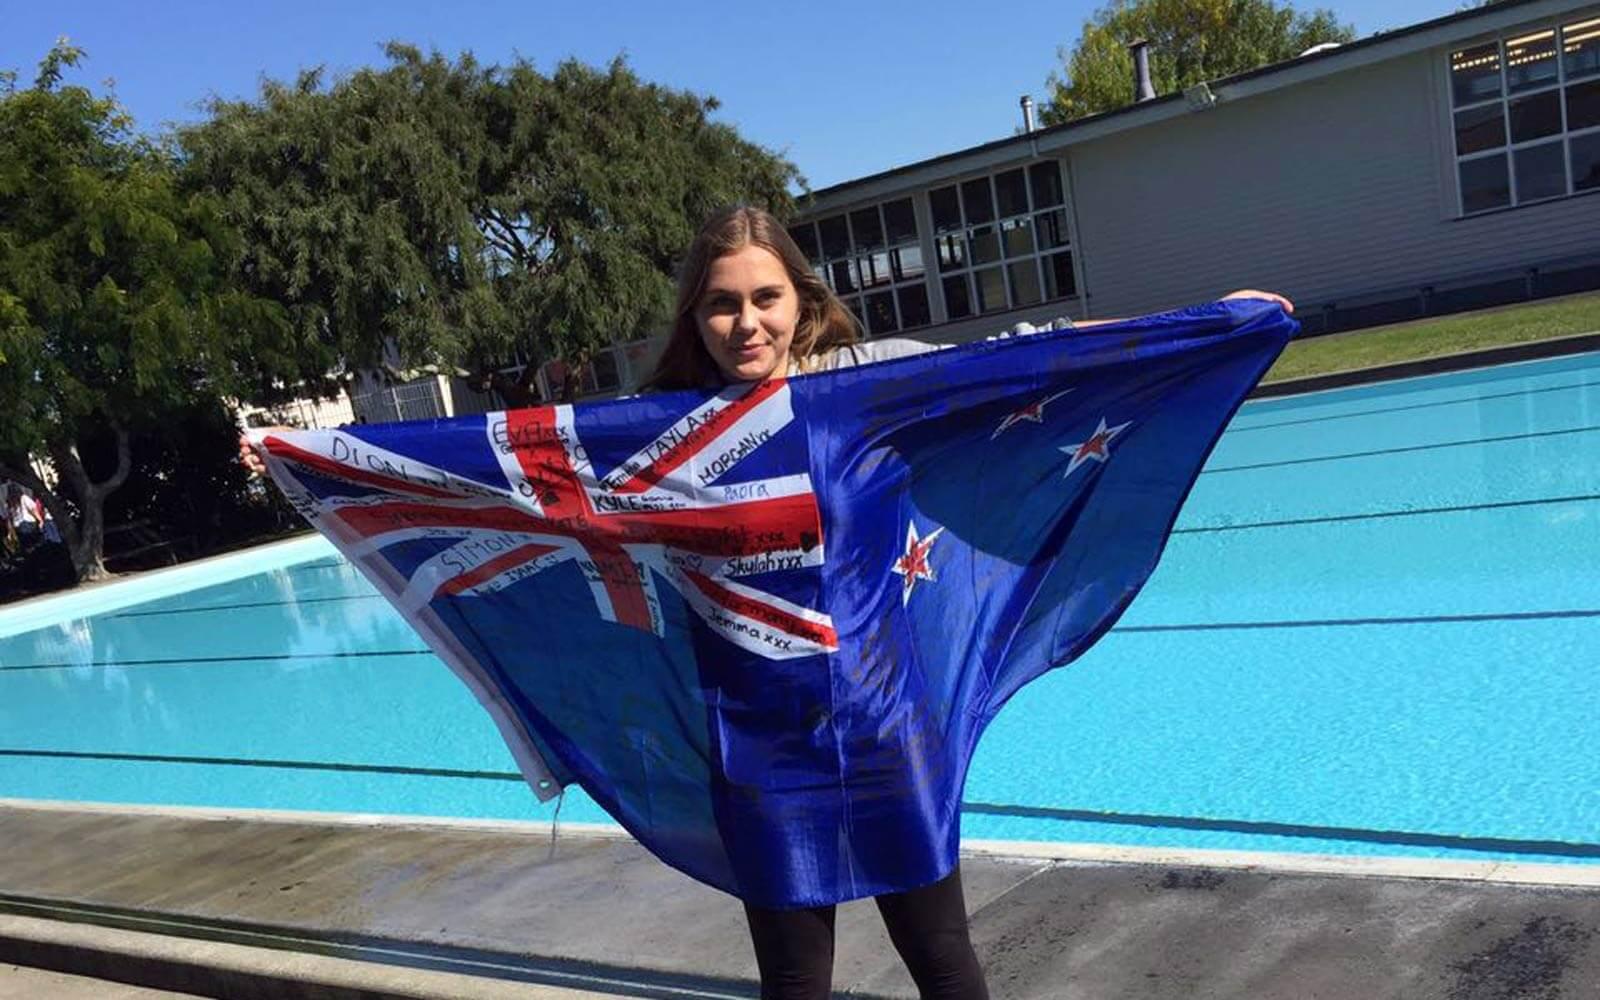 Myrna mit neuseeländischer Flagge am Pool